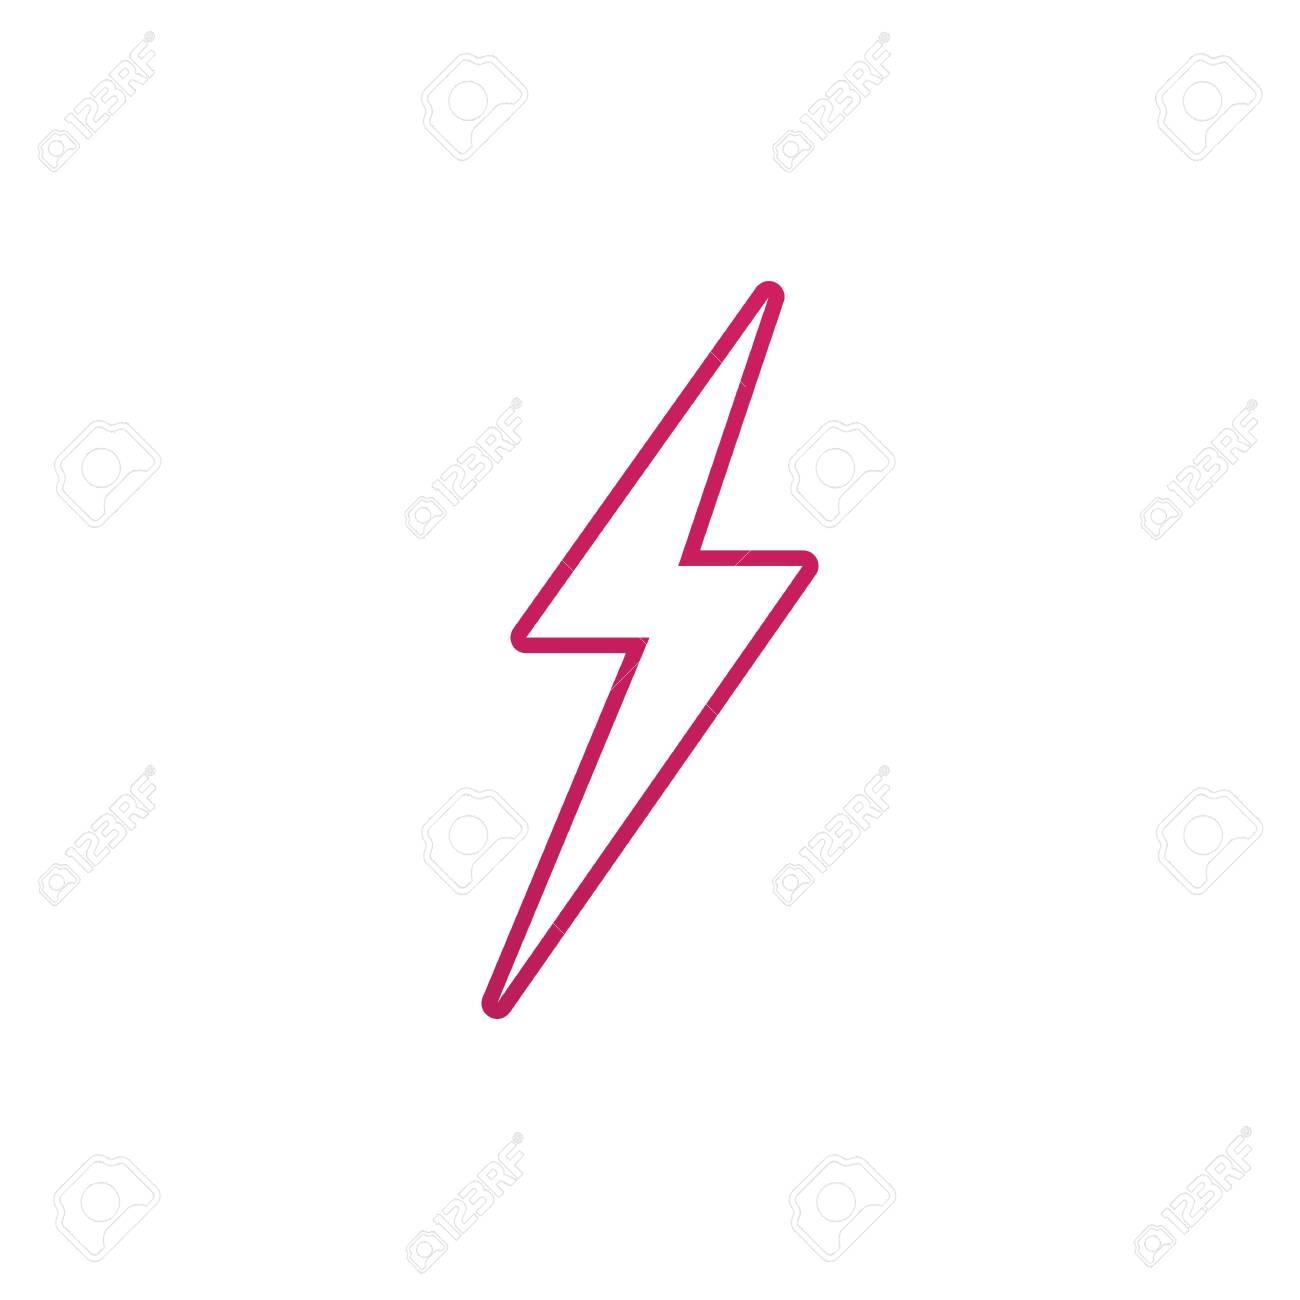 Lightning bolt flash thunderbolt icons vectors - 138151032